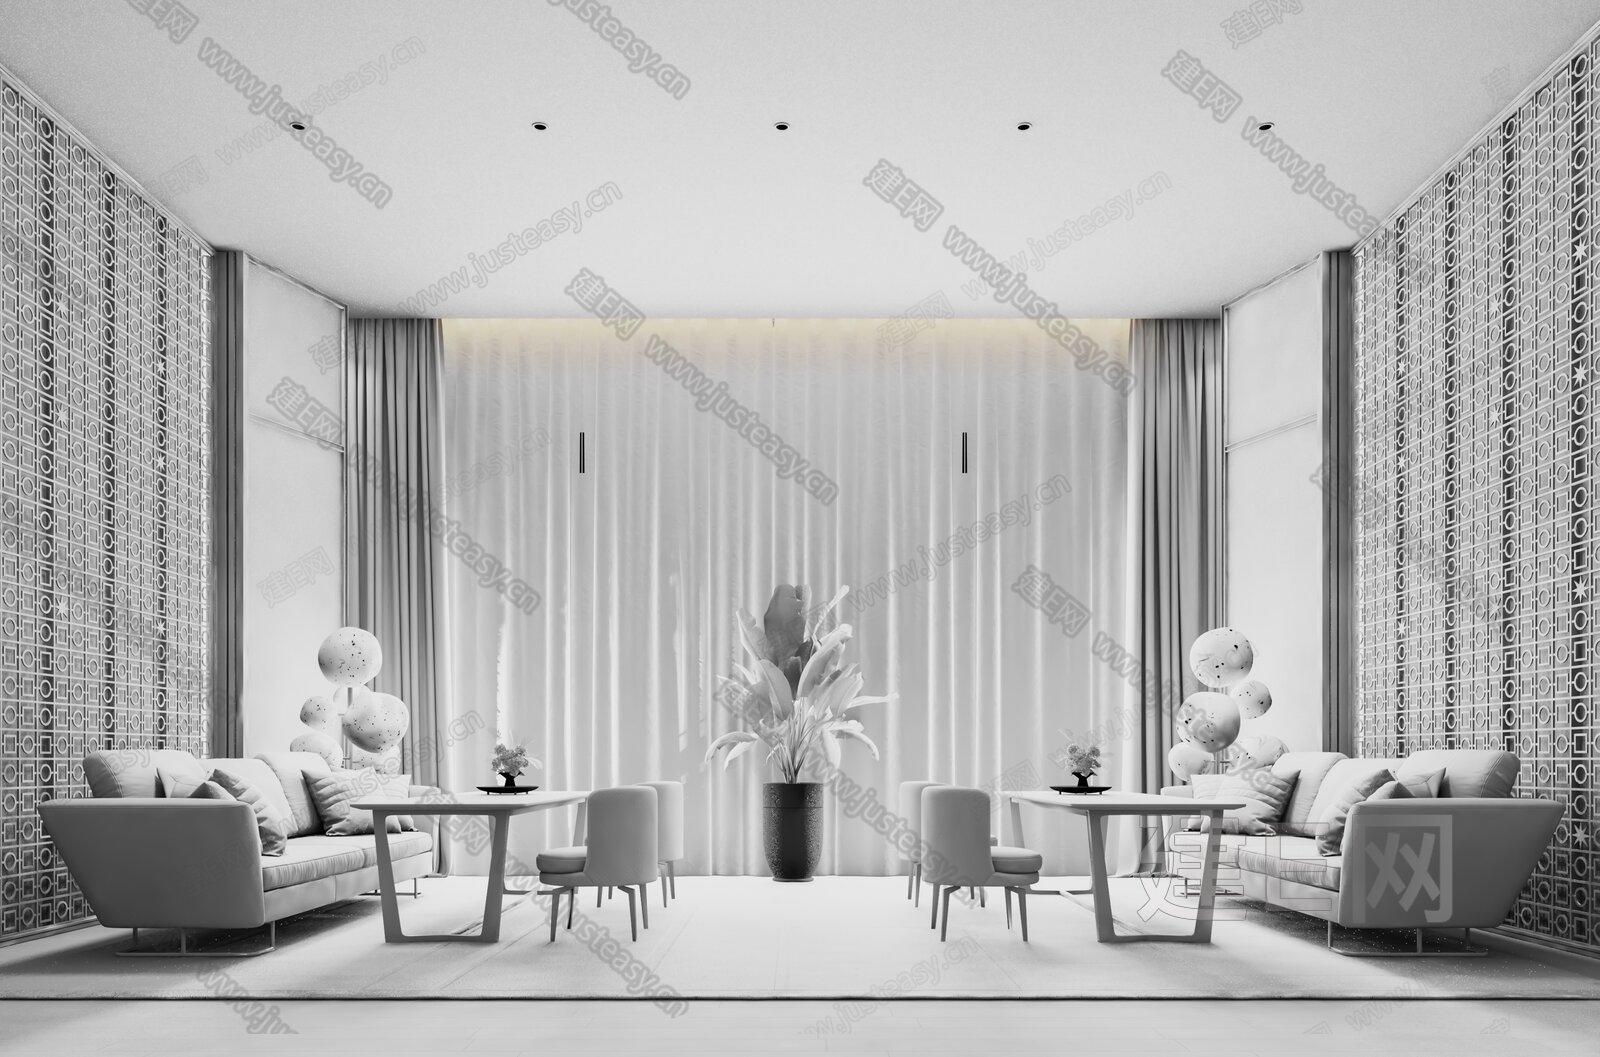 KOYI 柯翊设计 现代售楼处接待区3d模型